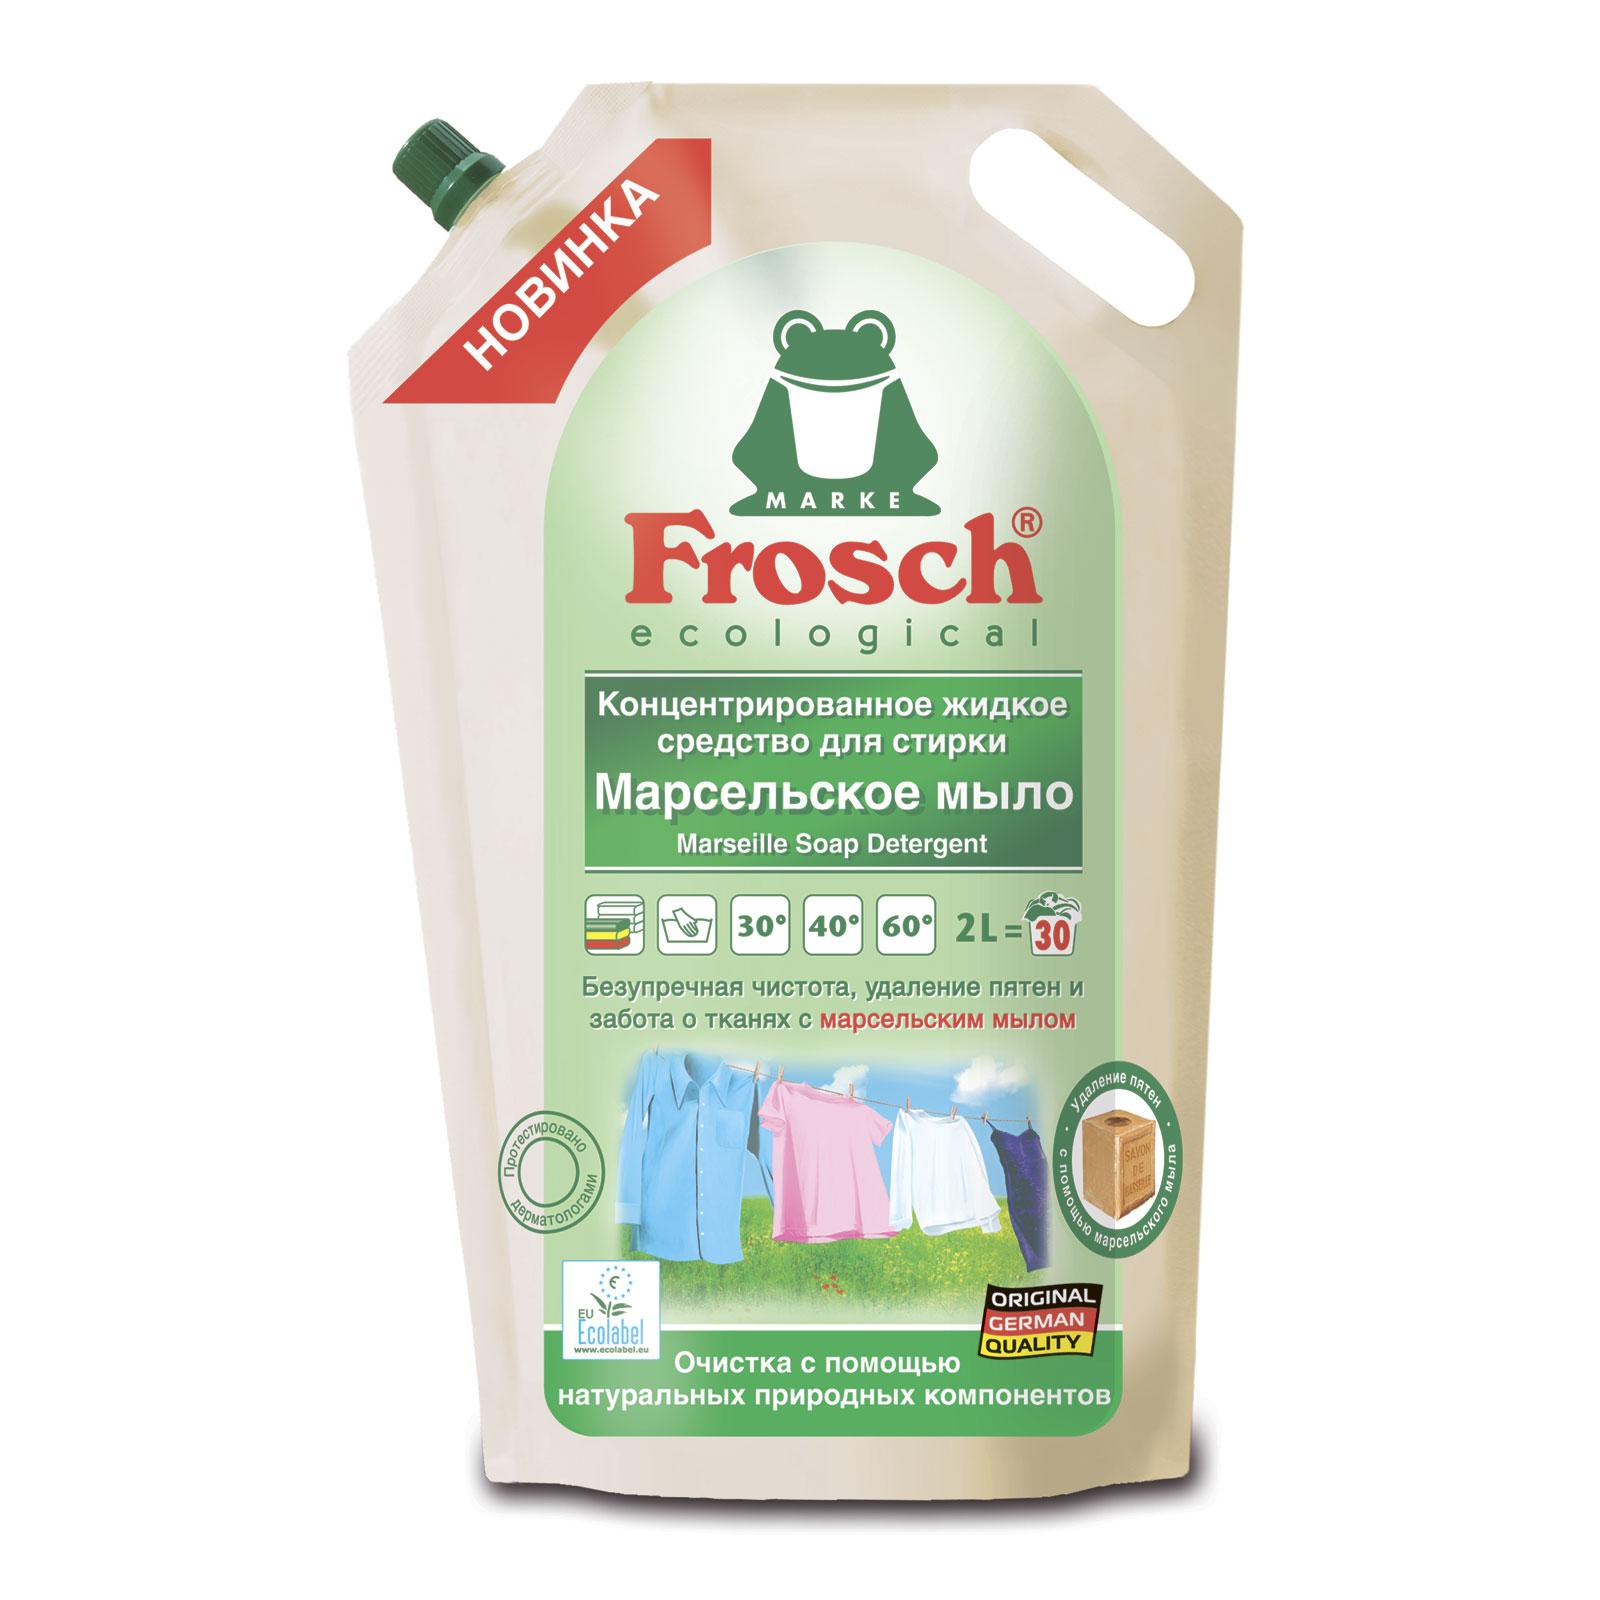 ������ �������� Frosch ��� ������ ����������� ���� 2000 ��